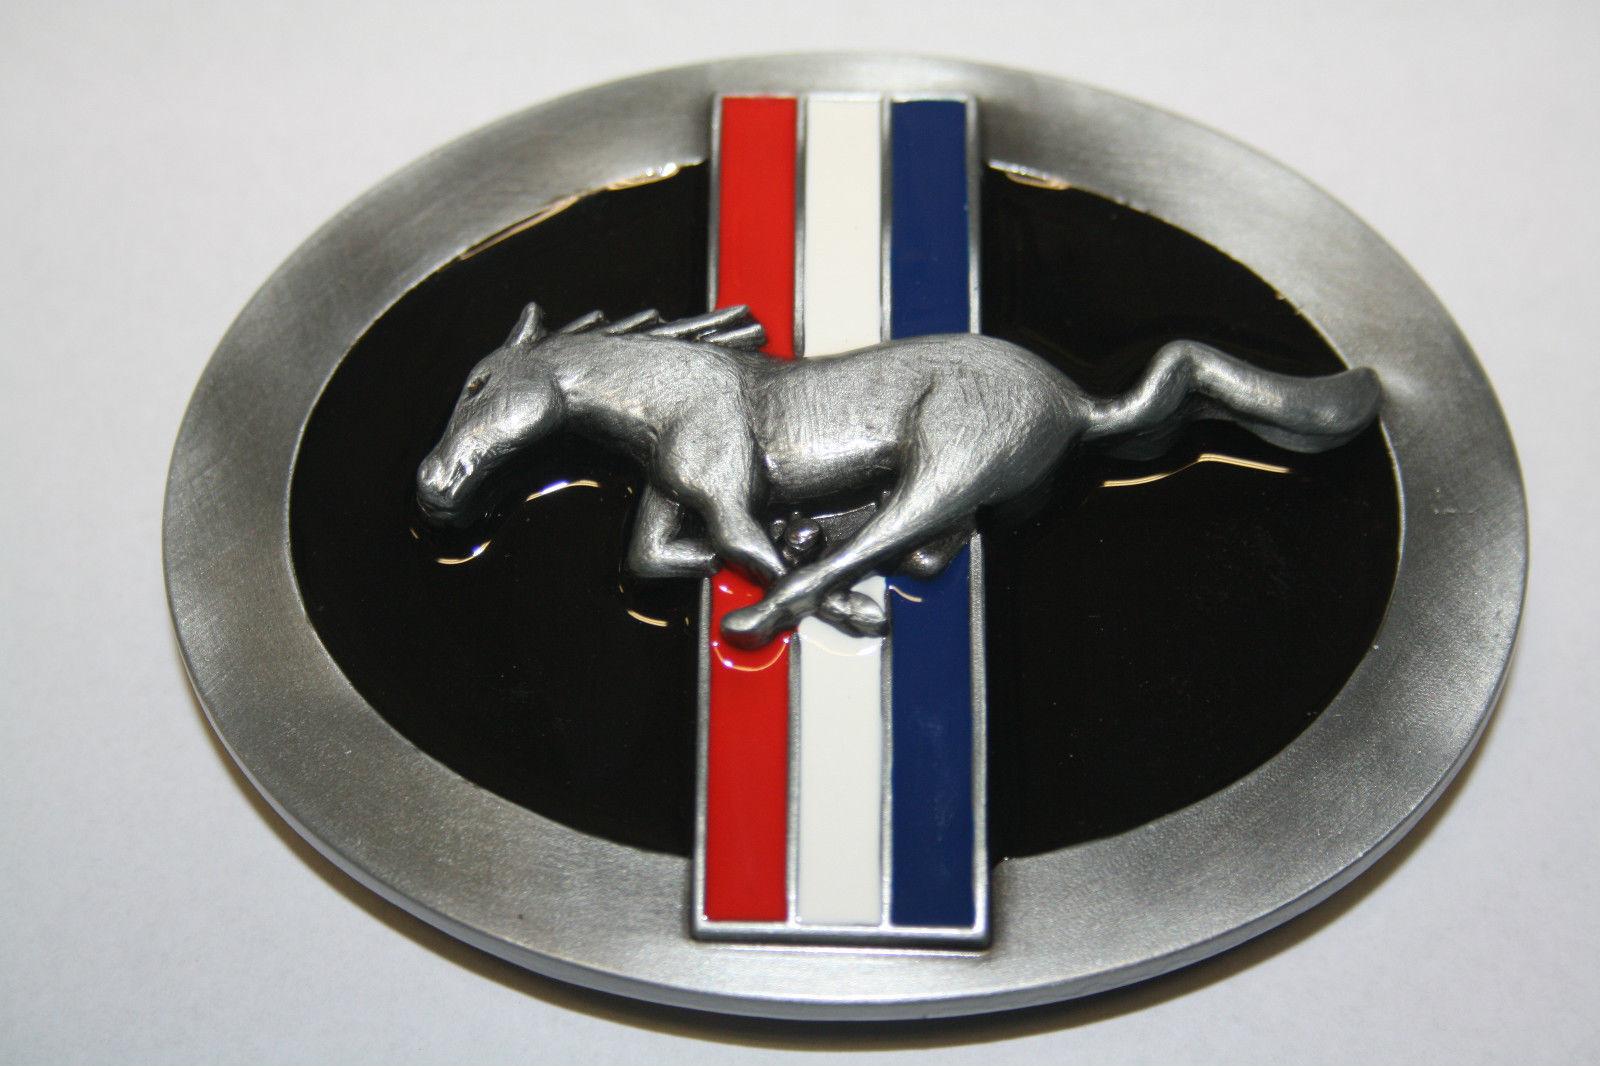 Licensed FORD MUSTANG Belt Buckle Pony Logo Emblem Lizenz Gürtelschnalle US Car